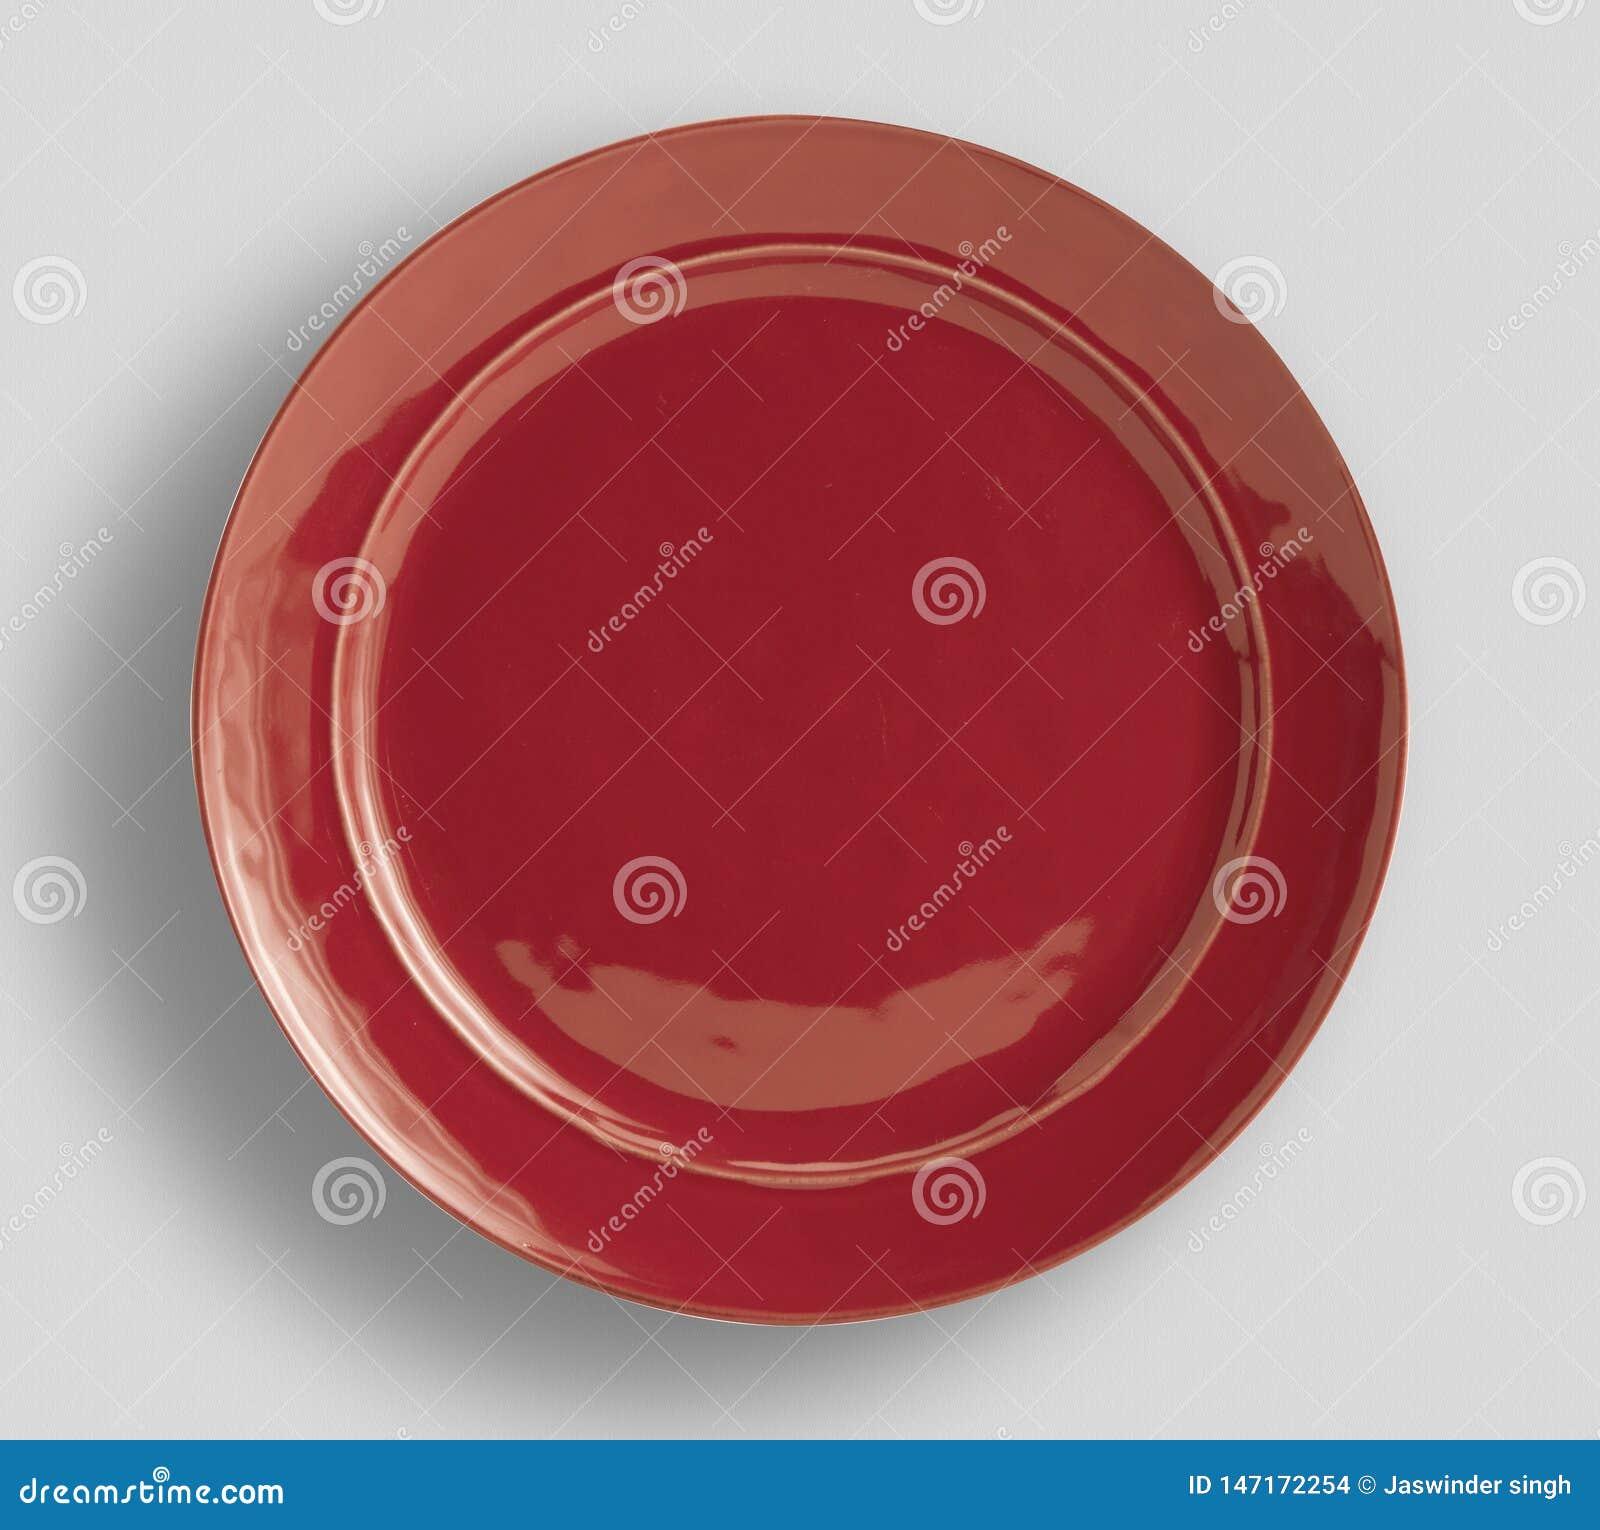 Röd platta på vit bakgrund - bild